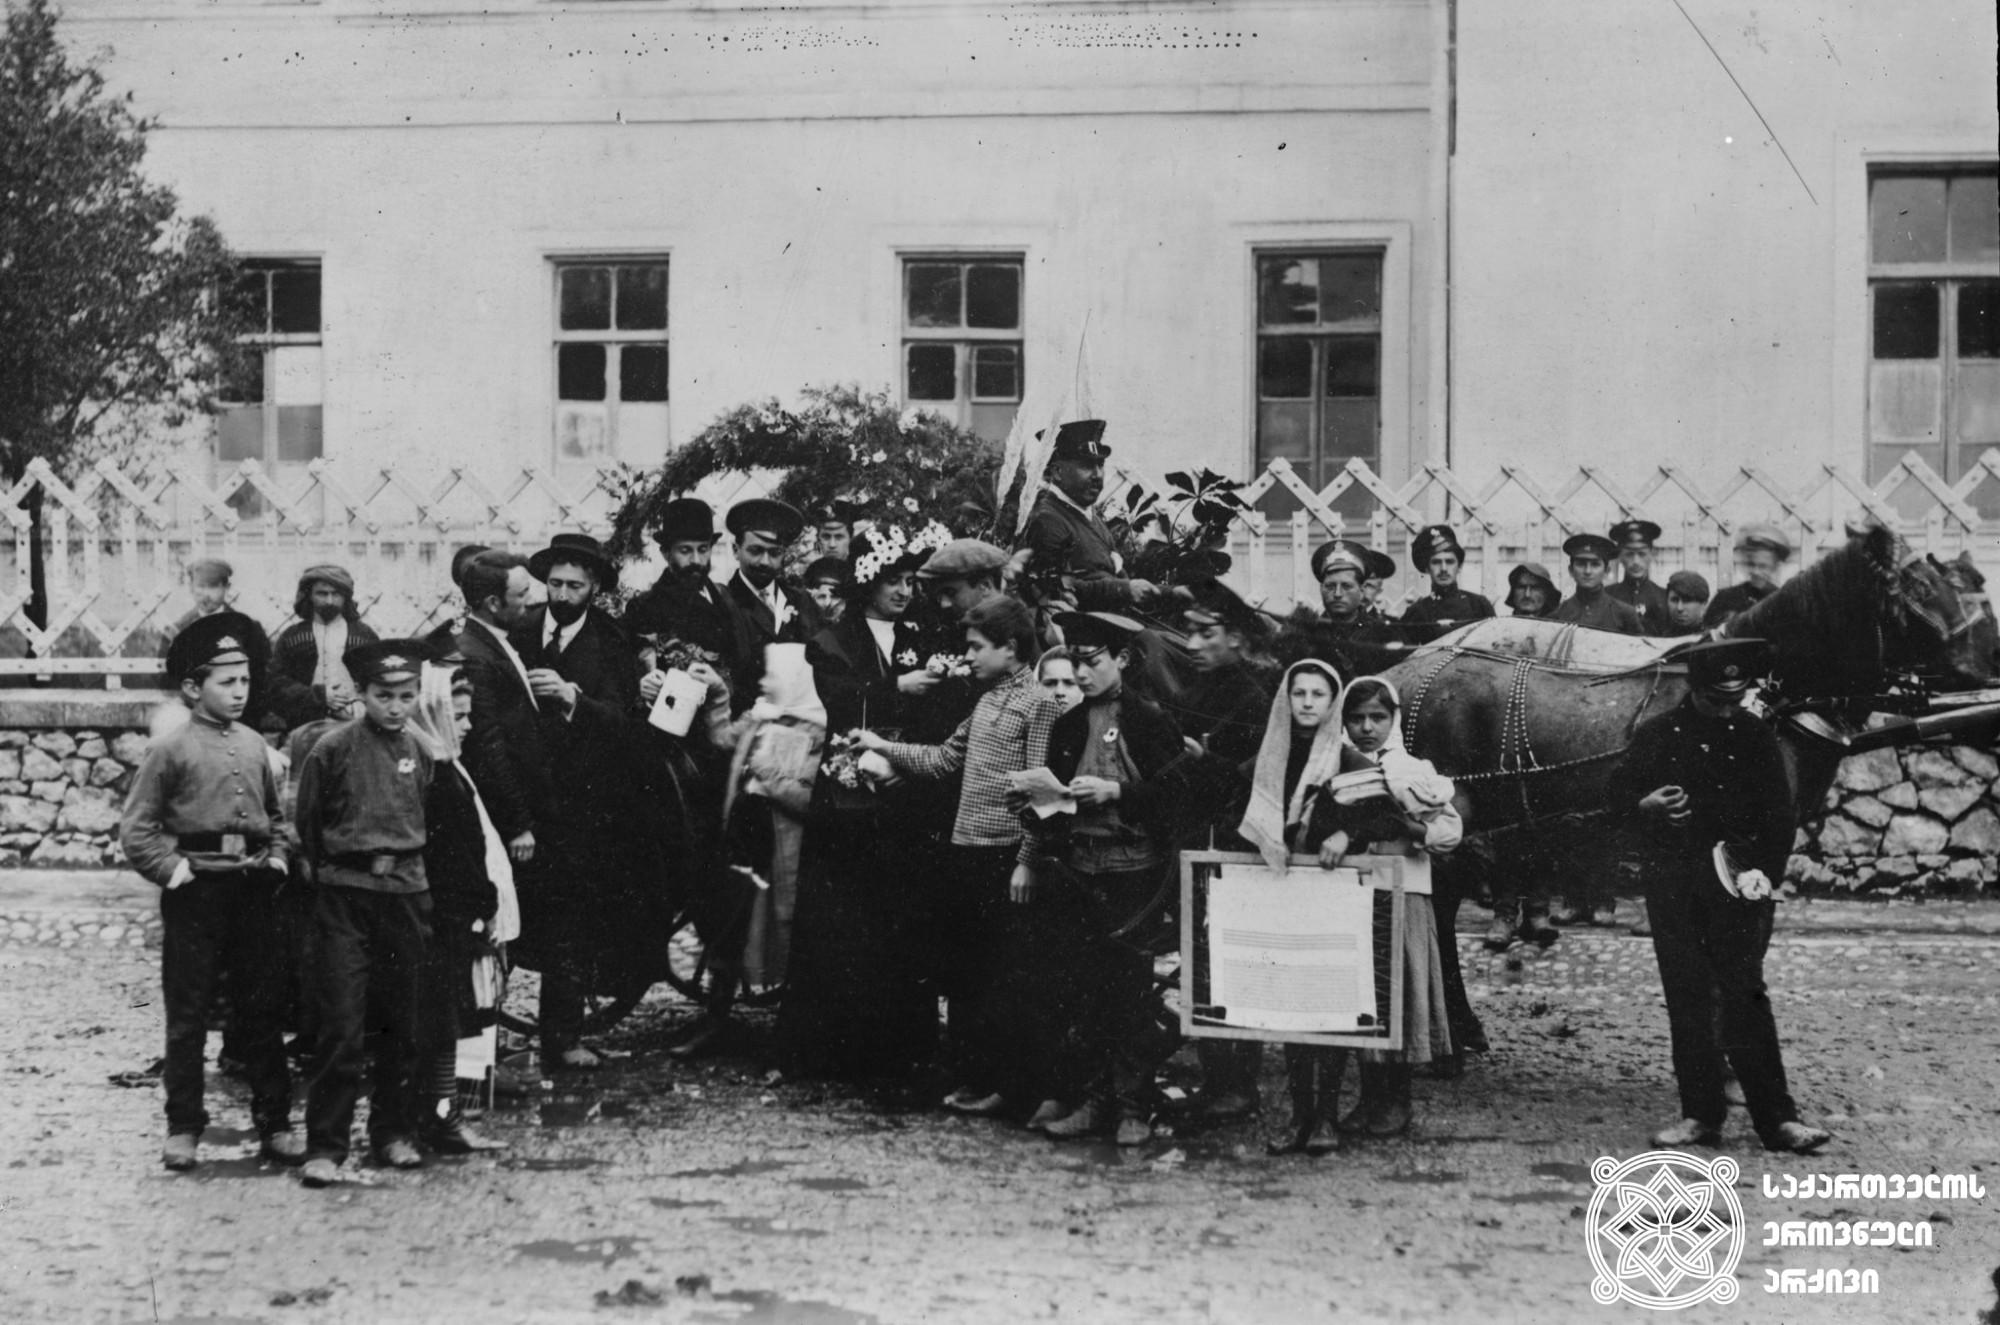 გვირილობის დღე ქუთაისში. [1912-1917]. <br> მინის ნეგატივი 9X12. <br> Gviriloba Day in Kutaisi. [1912-1917]. <br> Glass negative 9X12. <br>